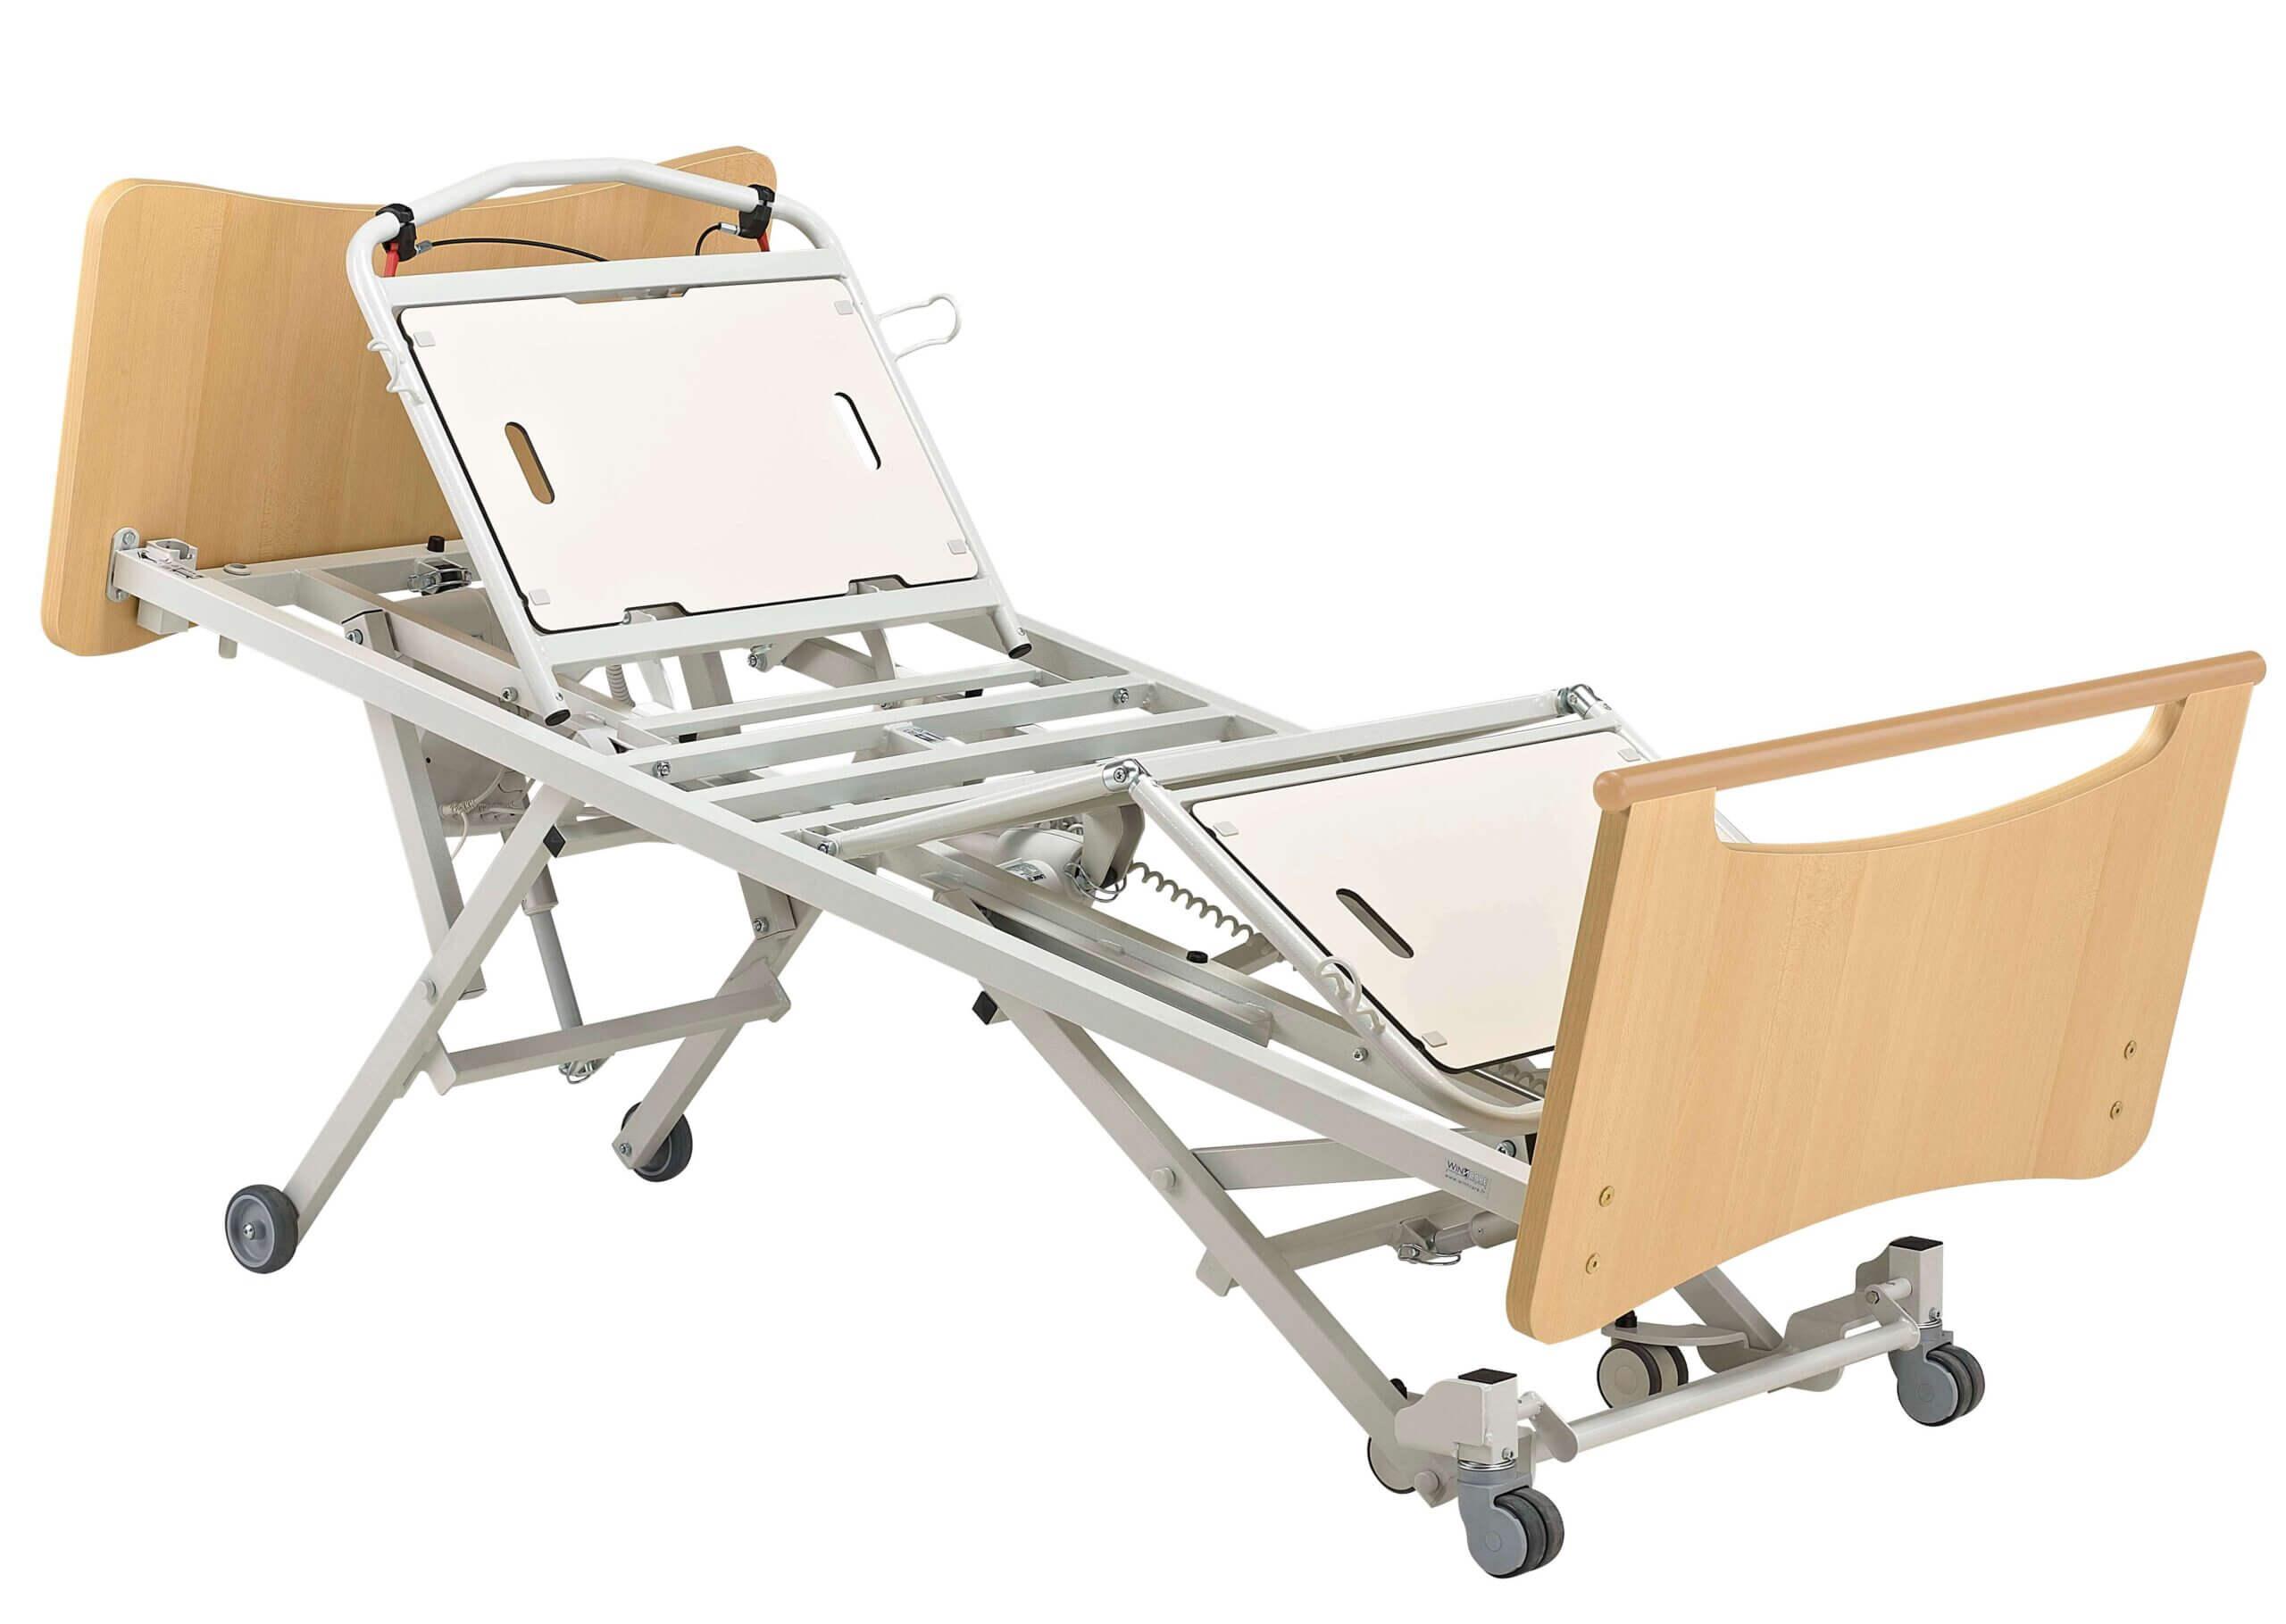 lit_aerys_position_fauteuil_px_carmen_ii_hetre_clair (1)